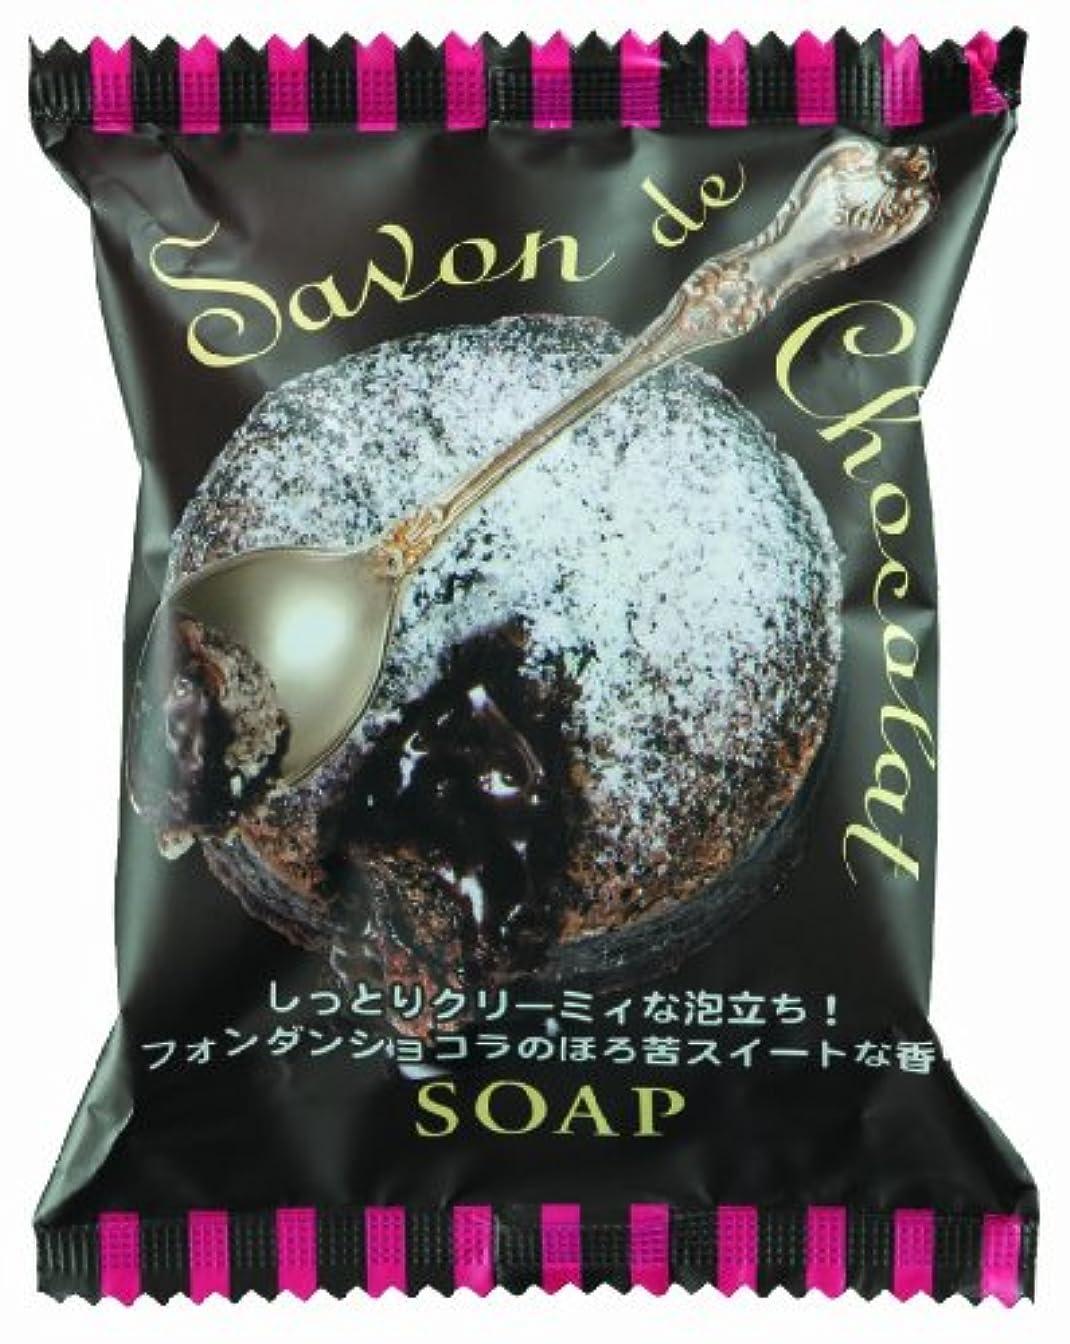 高さばかげている悪化するペリカン石鹸 サボンドショコラソープ 80g